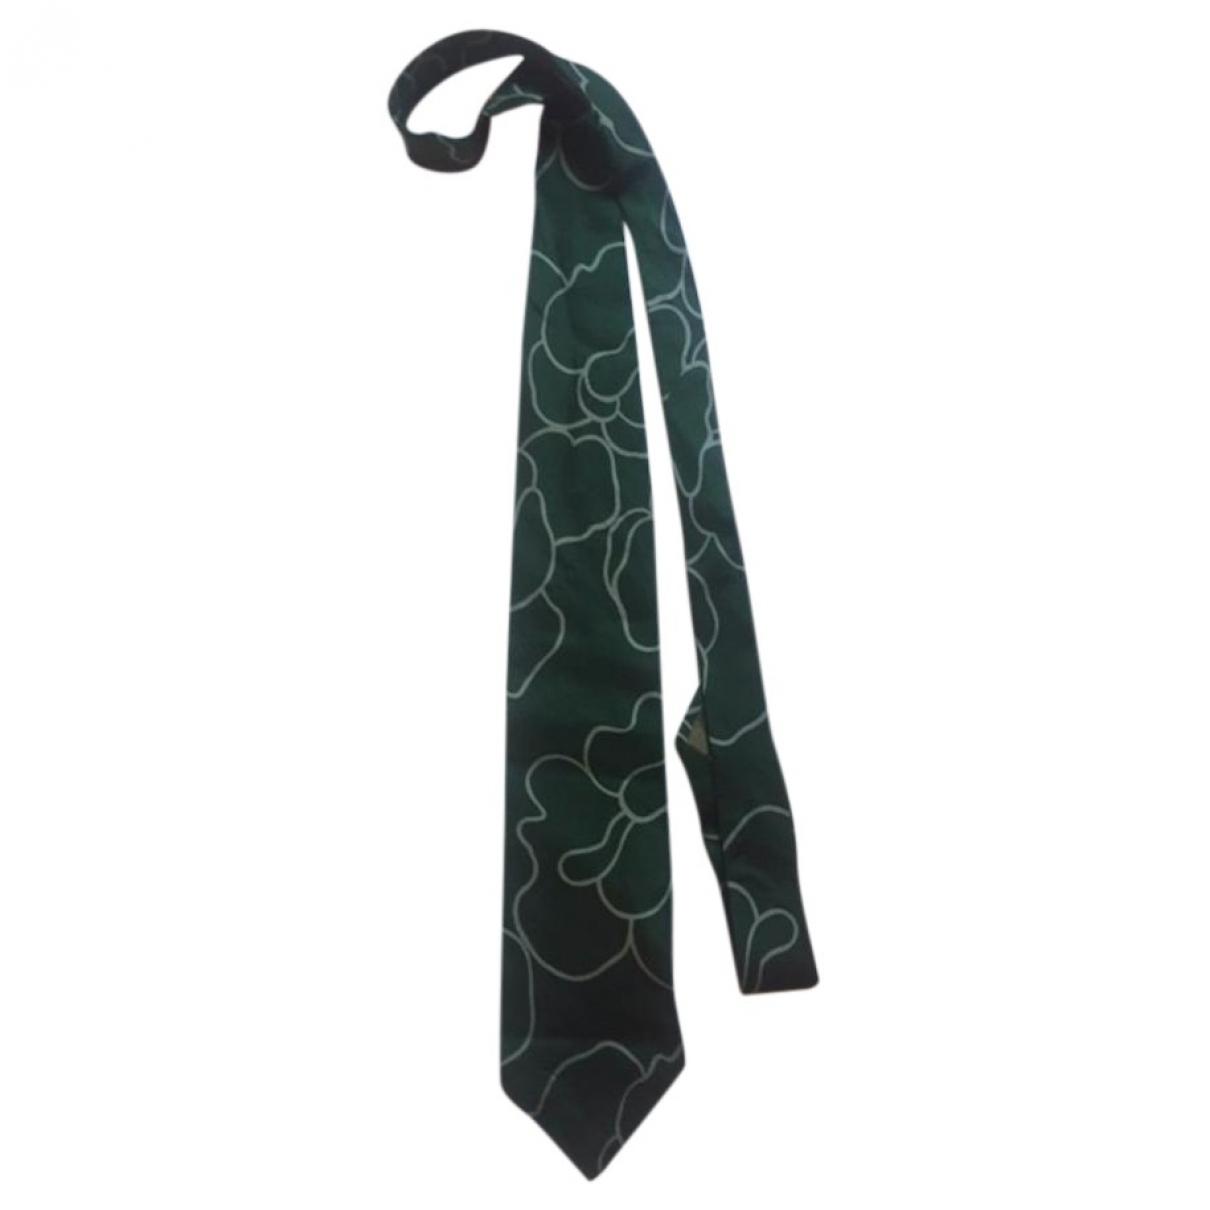 Corbata de Seda Emporio Armani